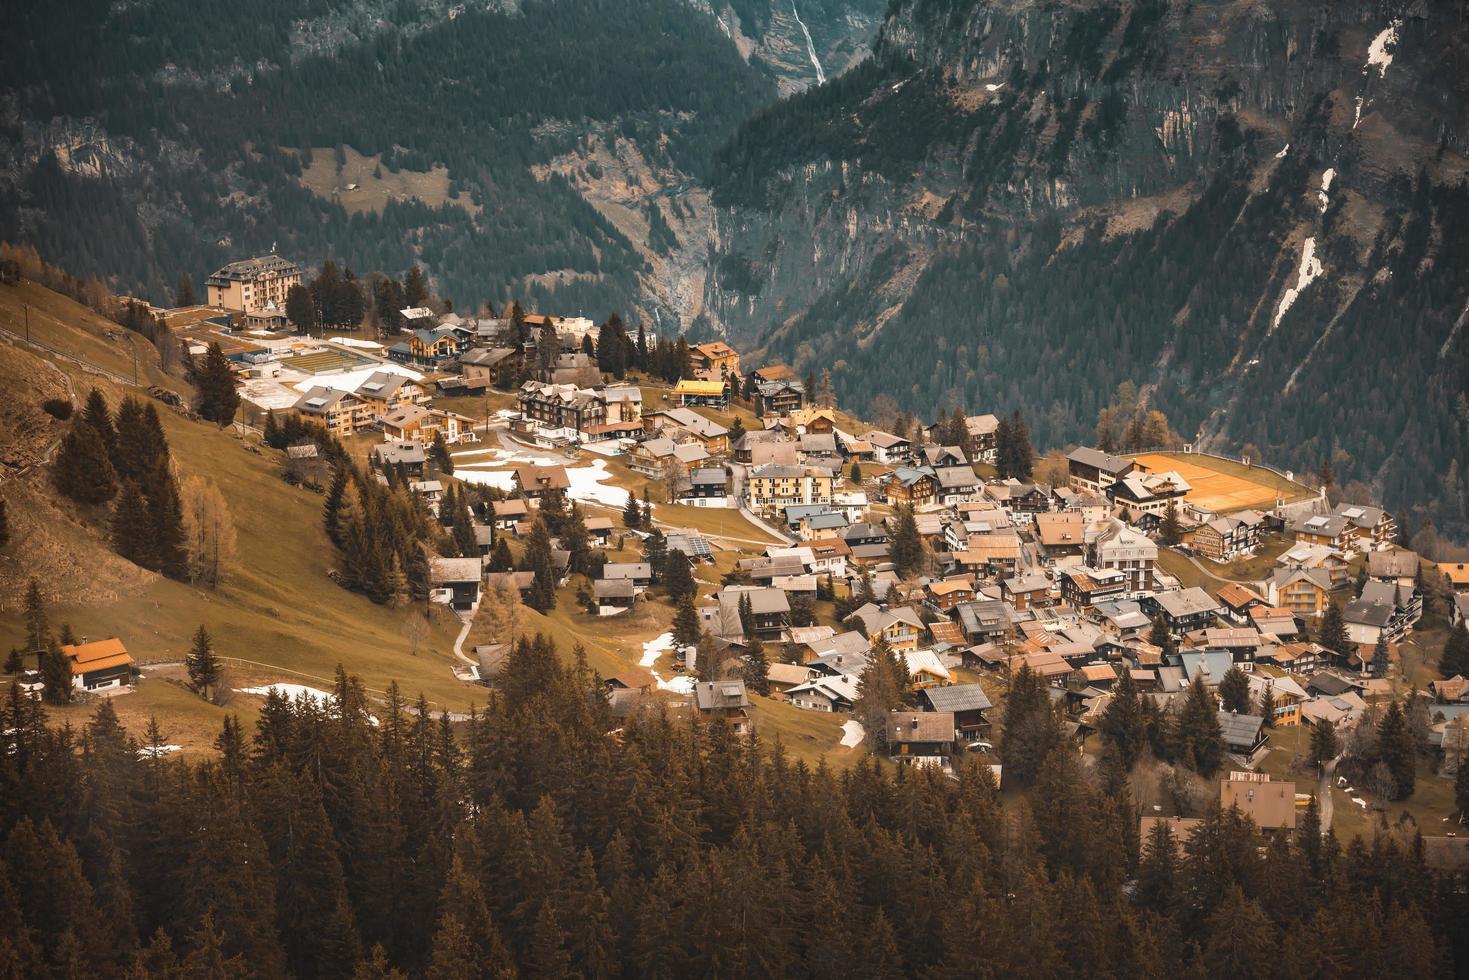 Vista aérea sobre a vila da cidade de Murren do teleférico, na Suíça. foto